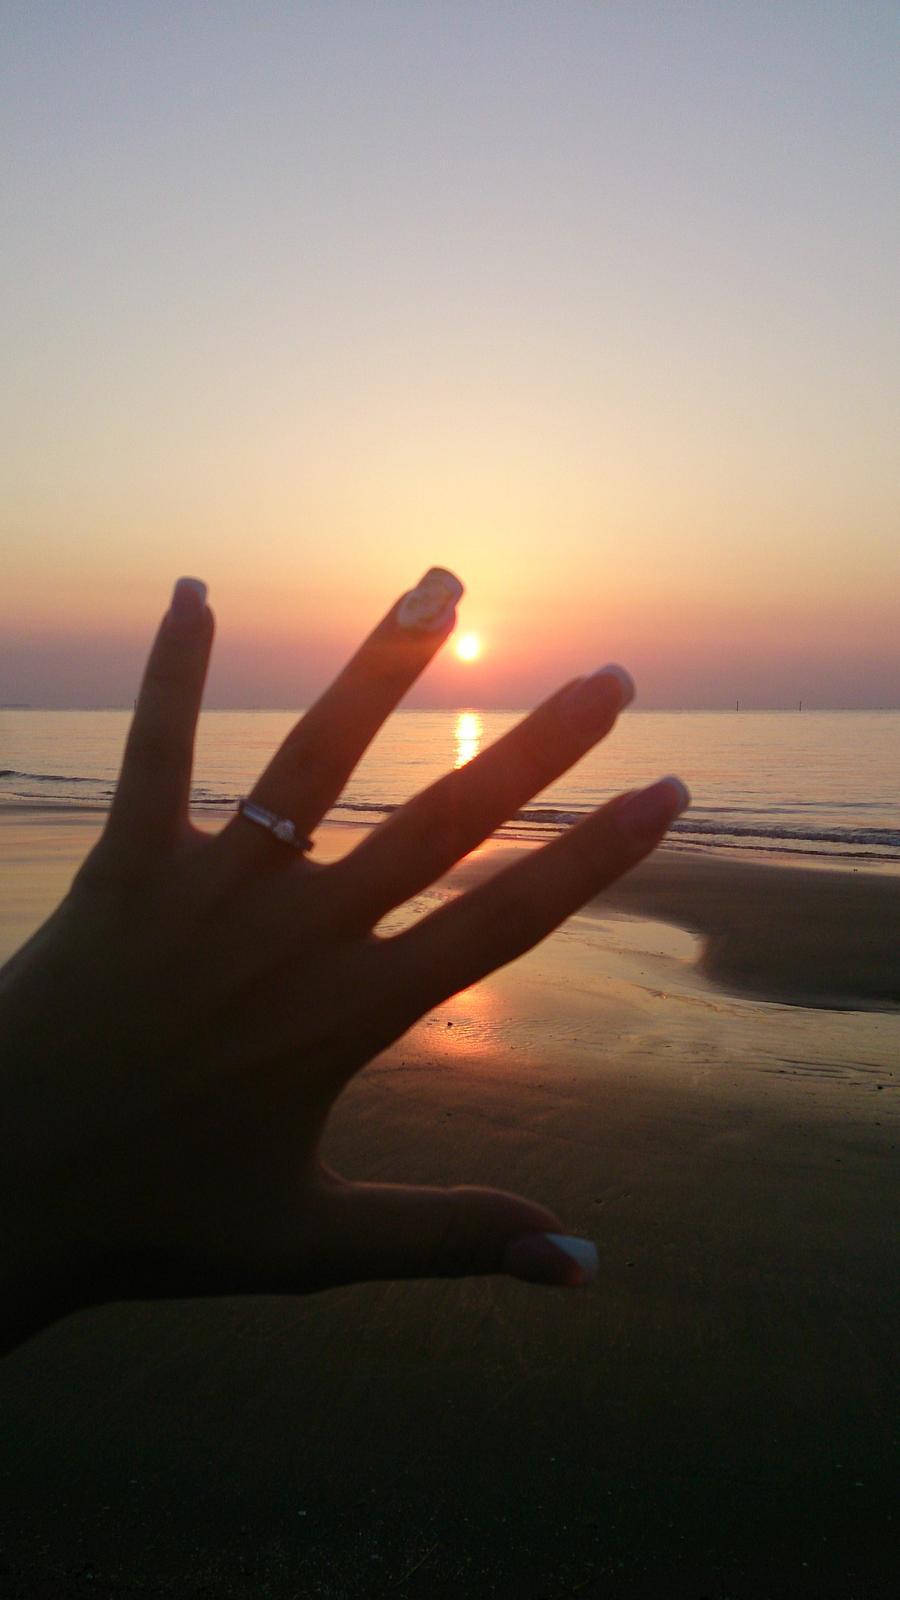 Bude svadba, svadbička :) - ...romantika ako vyšitá...asi 8 km cesta k majáku, vstávanie o pol 4 ráno a ranná prechádzka popri mori...a to všetko kvôli východu Slnka a ako som neskôr zistila, kvôli môjmu krásnemu prstienku a začiatku plánovania nášho spoločného života :-*